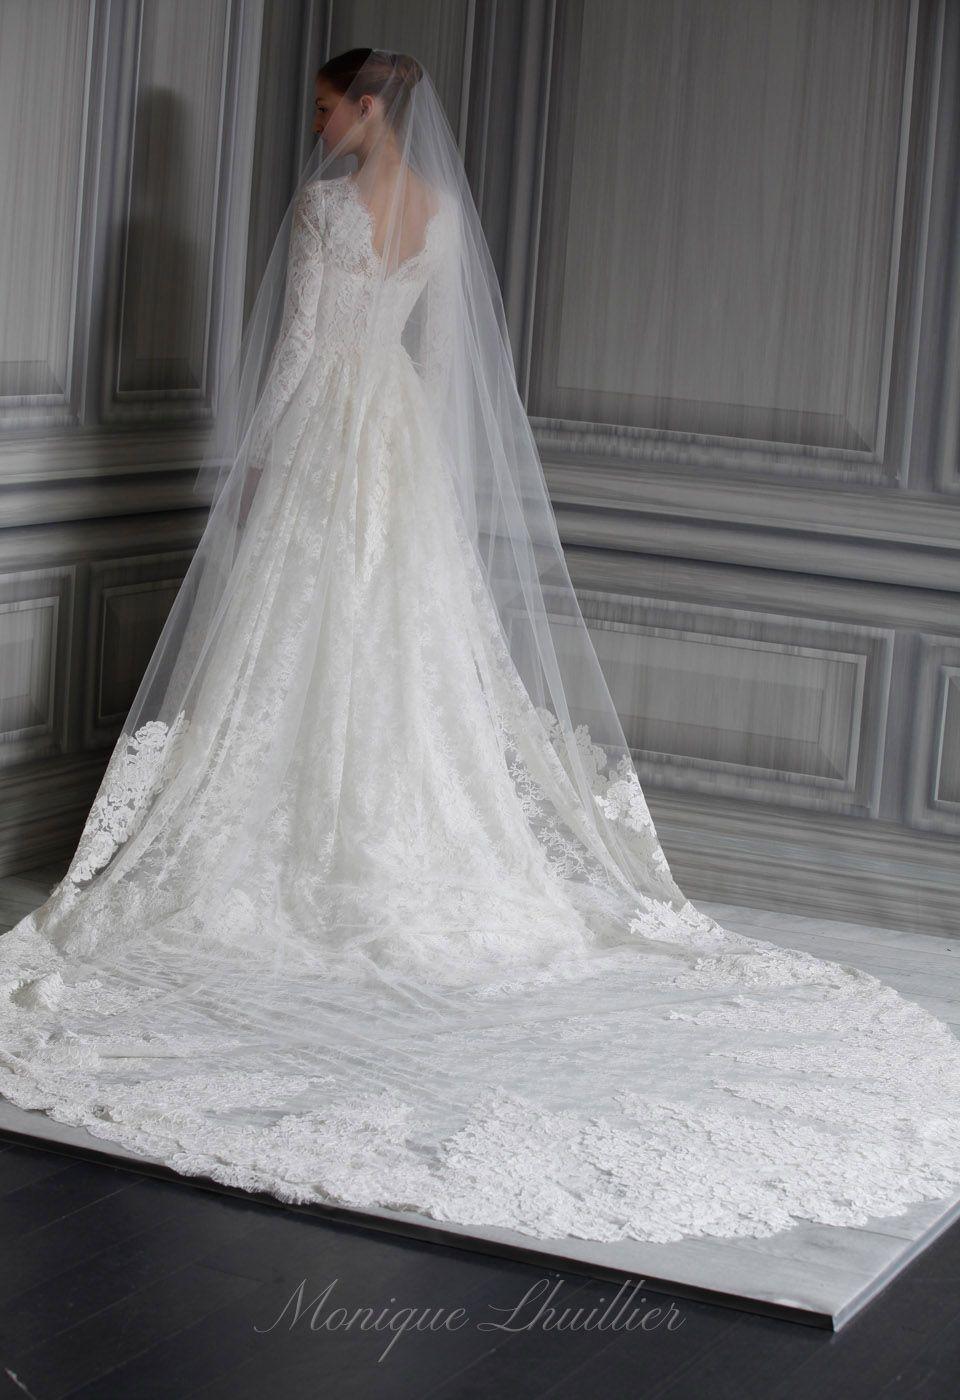 Monique Lhuillier Wedding Wedding Dresses Lace Lace Bridal Gown Monique Lhuillier Bridal